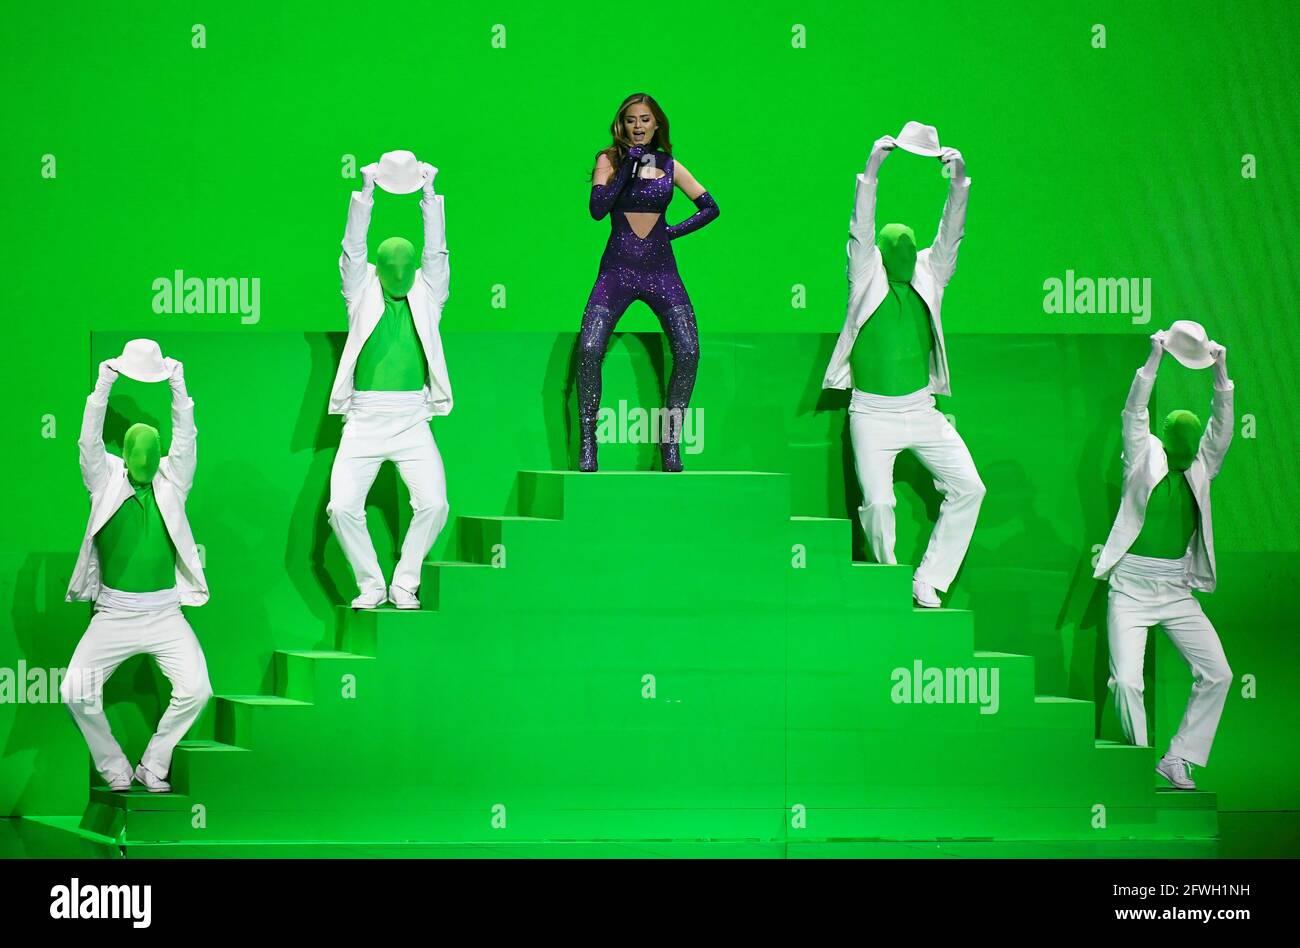 Die Teilnehmerin Stefania aus Griechenland tritt beim Finale des Eurovision Song Contest 2021 in Rotterdam, Niederlande, am 22. Mai 2021 auf. REUTERS/Piroschka van de Wouw Stockfoto